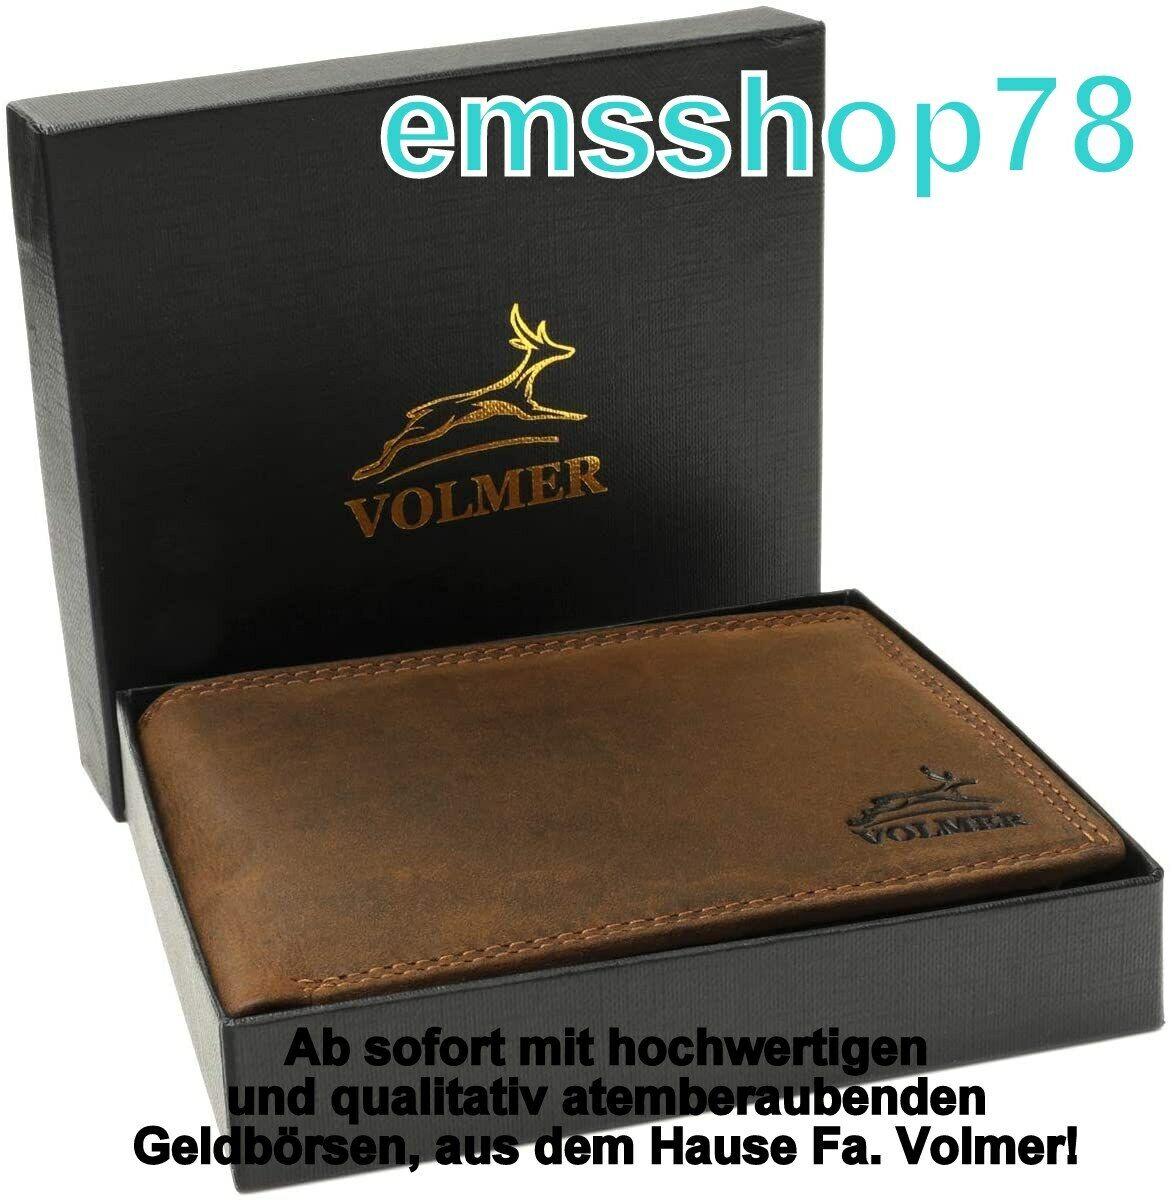 emsshop78